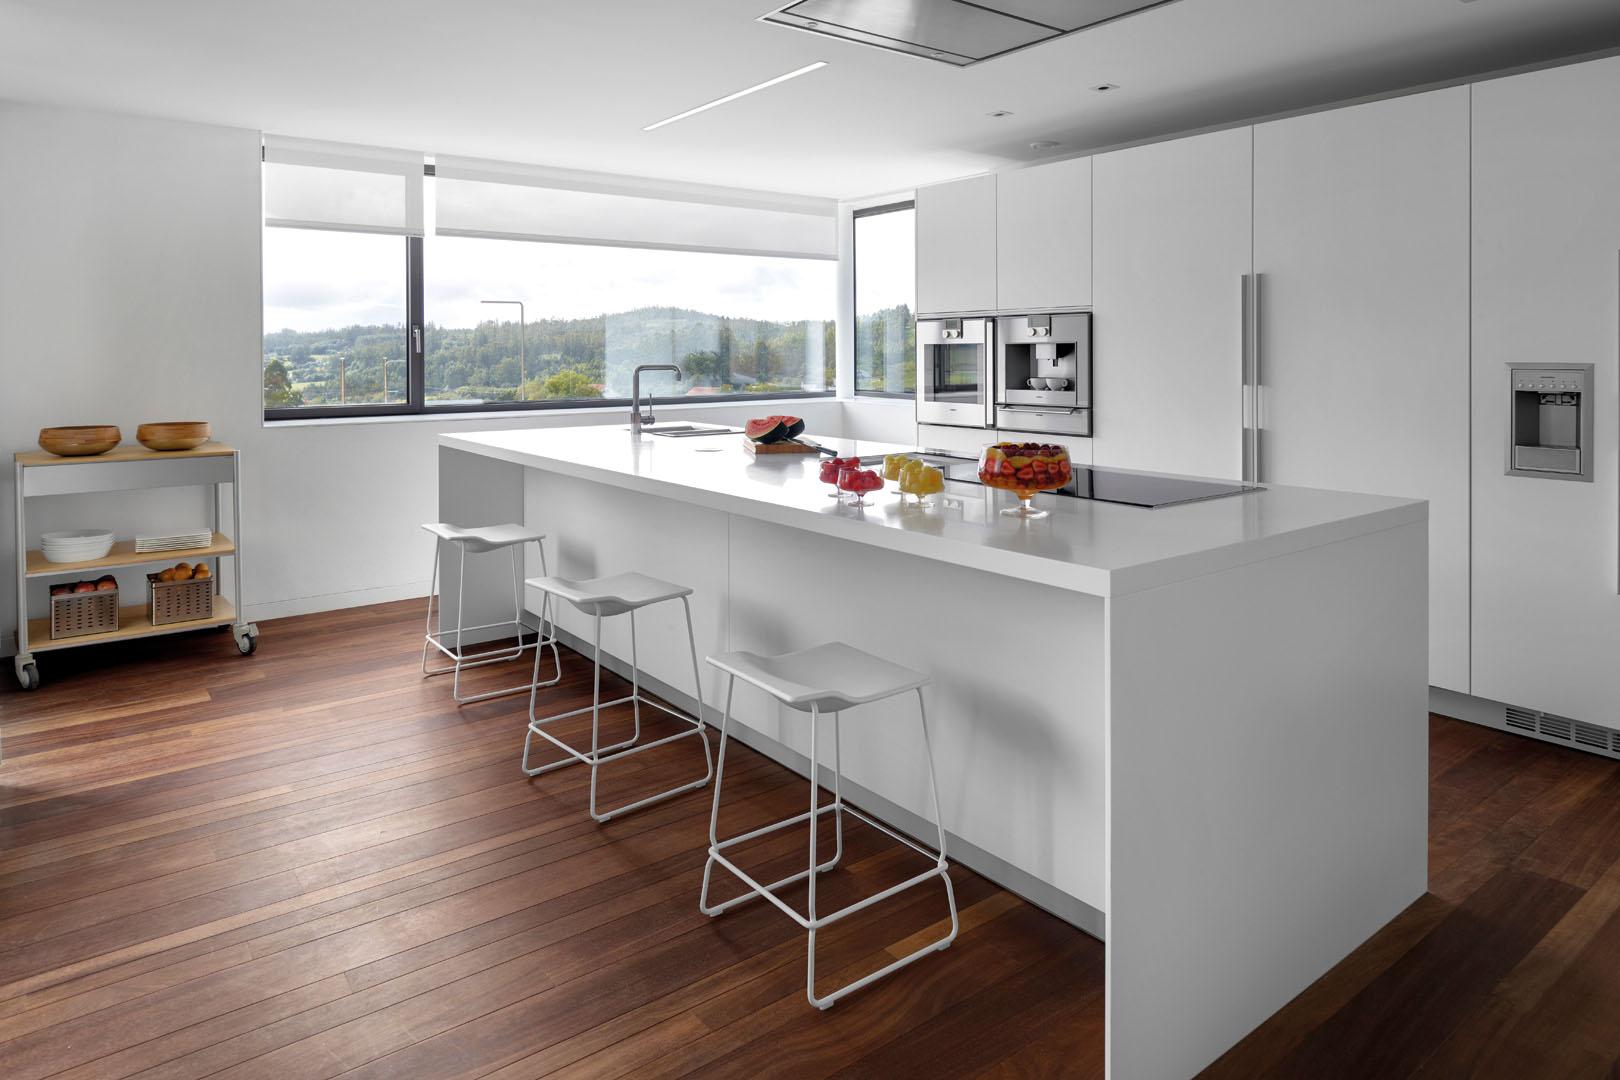 Image cocina-blanca-con-isla-moderna